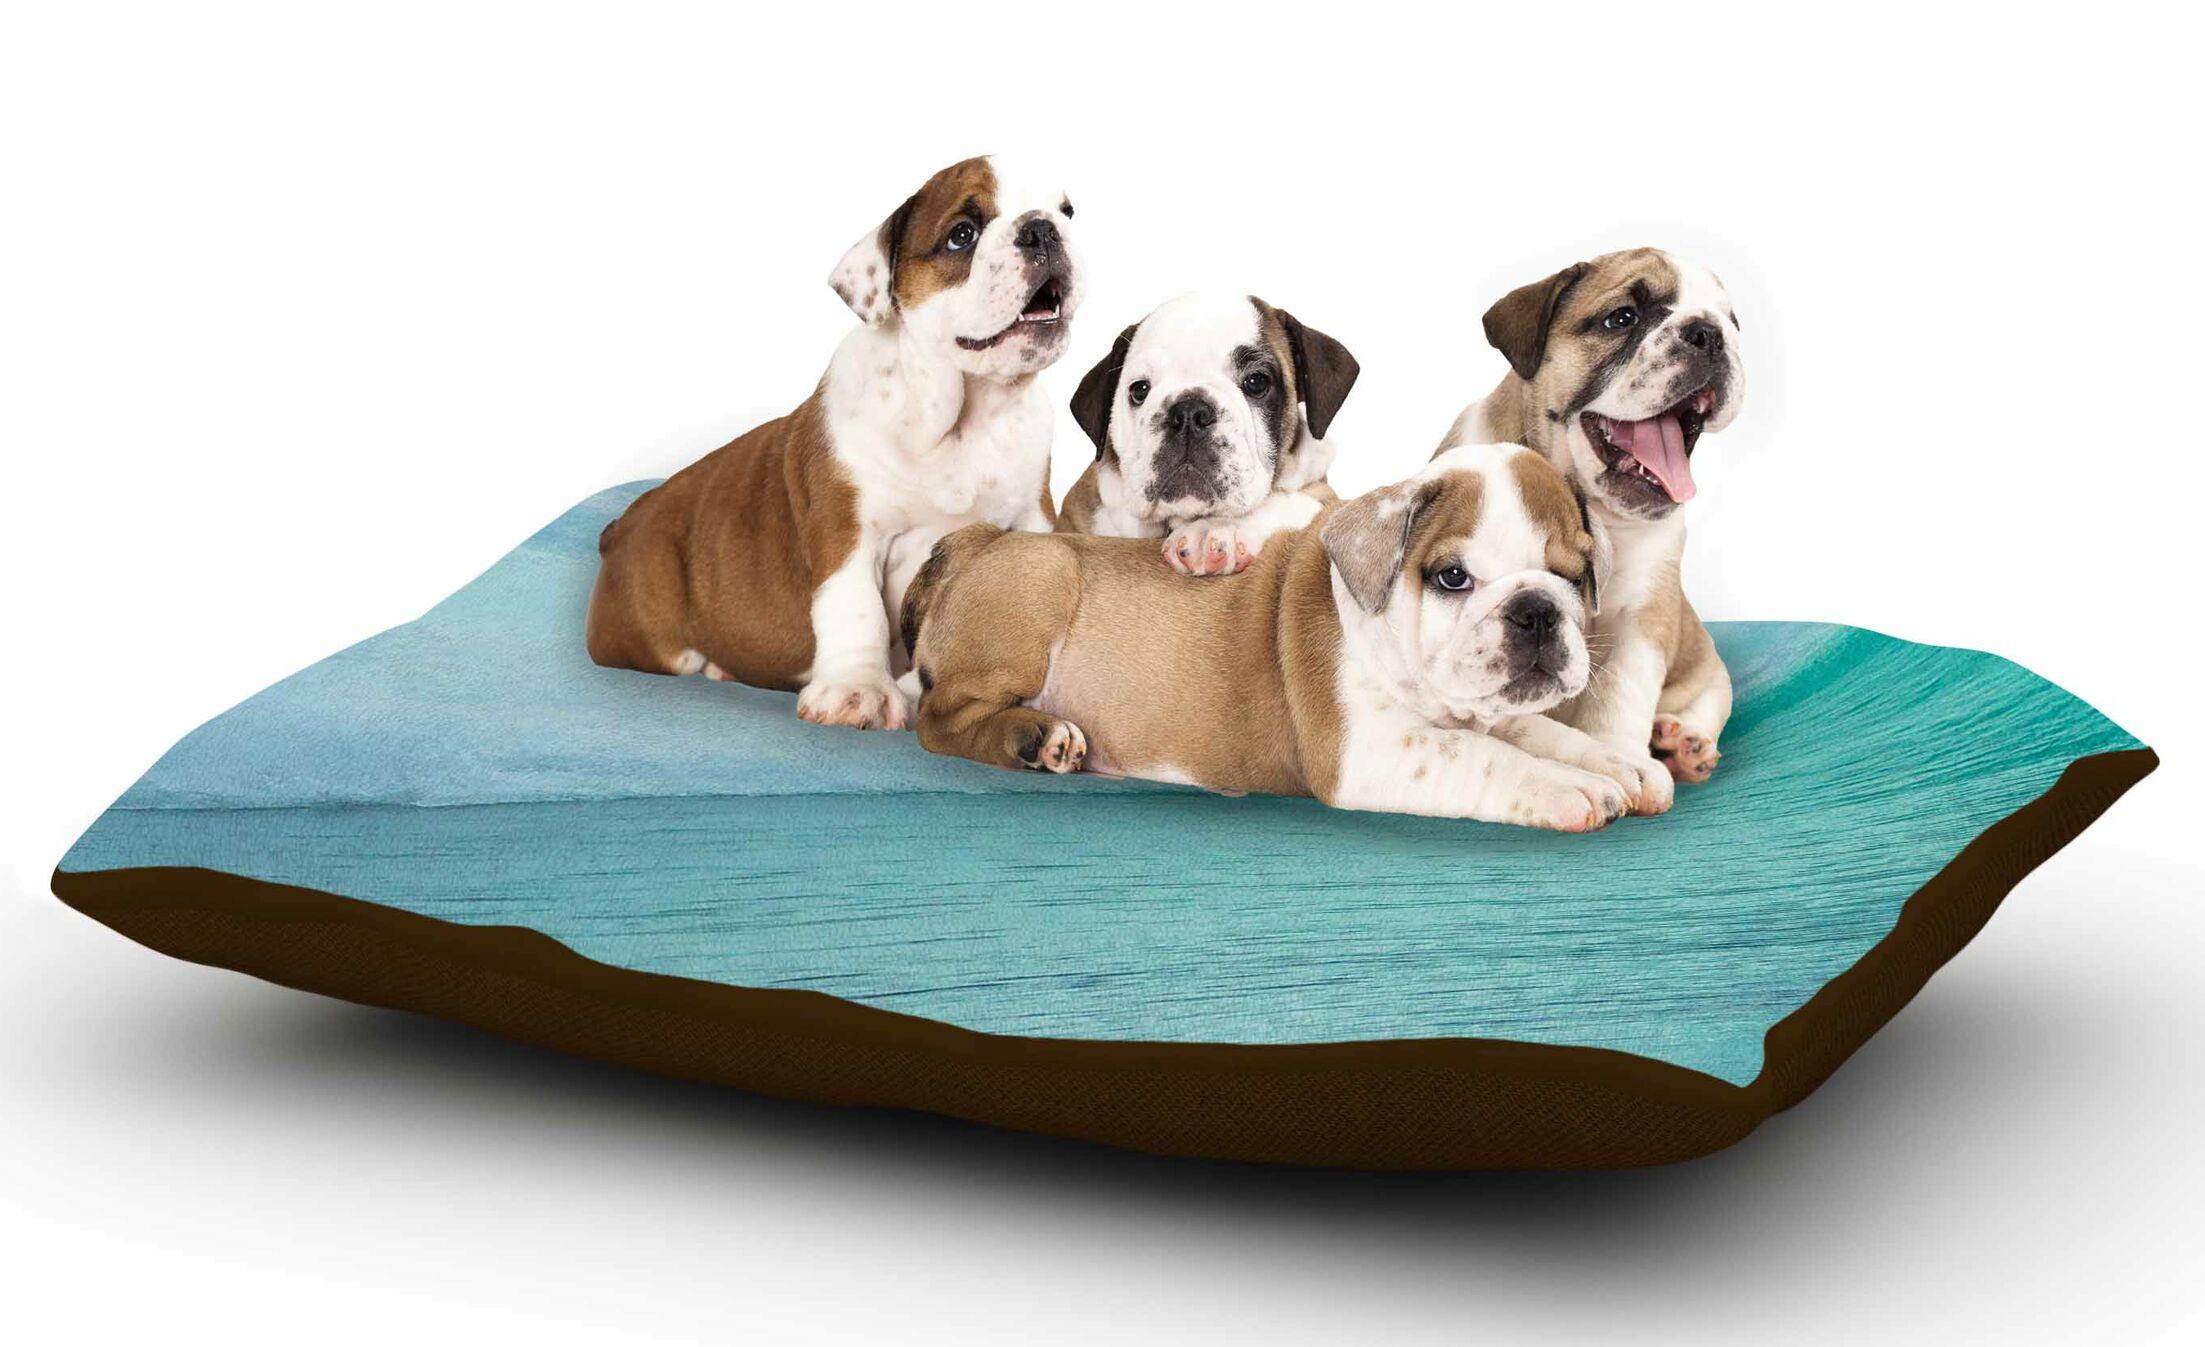 Susan Sanders 'Ocean Blue Wave' Dog Pillow with Fleece Cozy Top